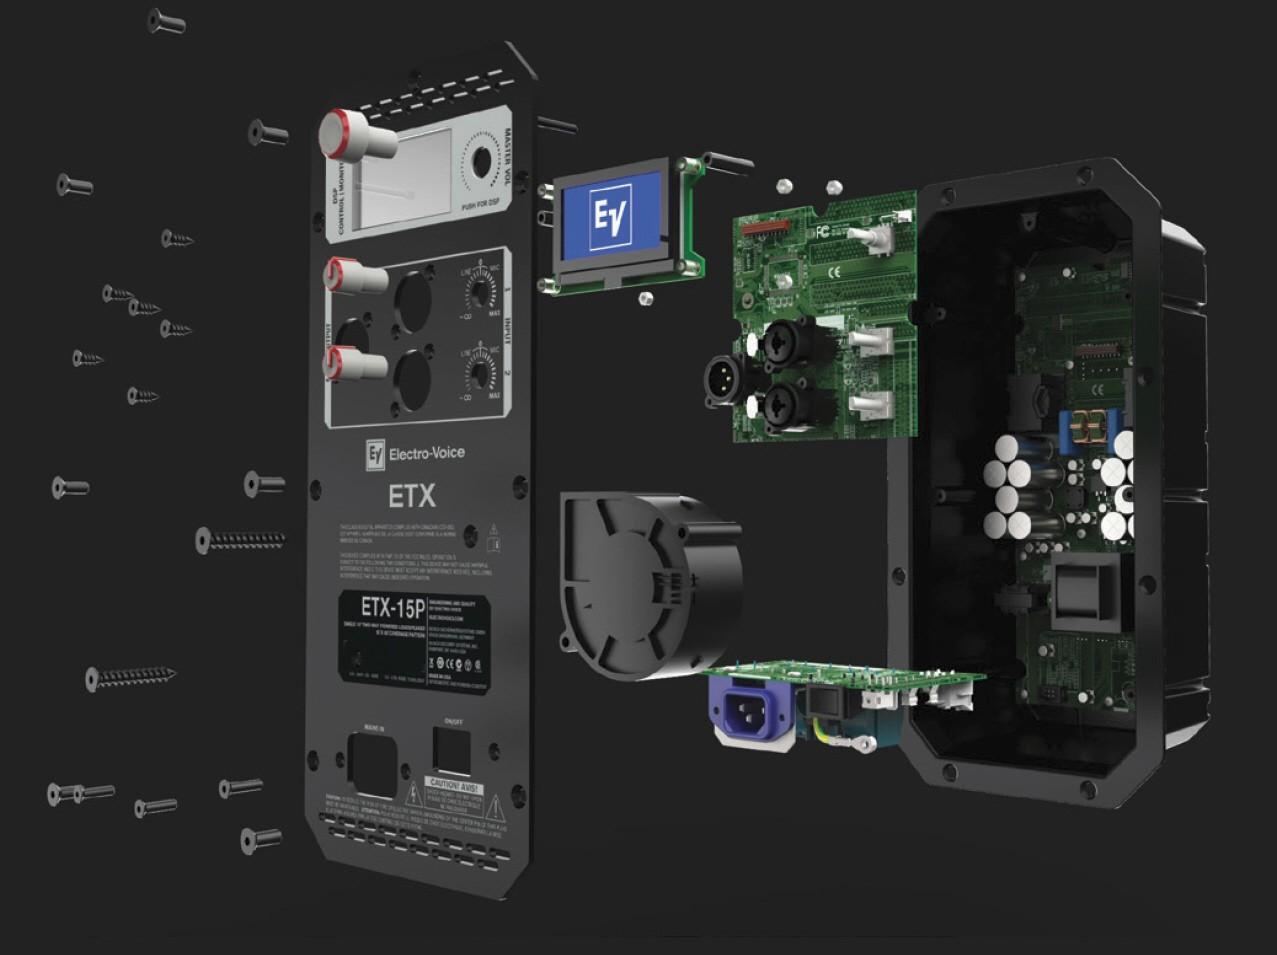 etx elektronika Electro Voice ETX 15P